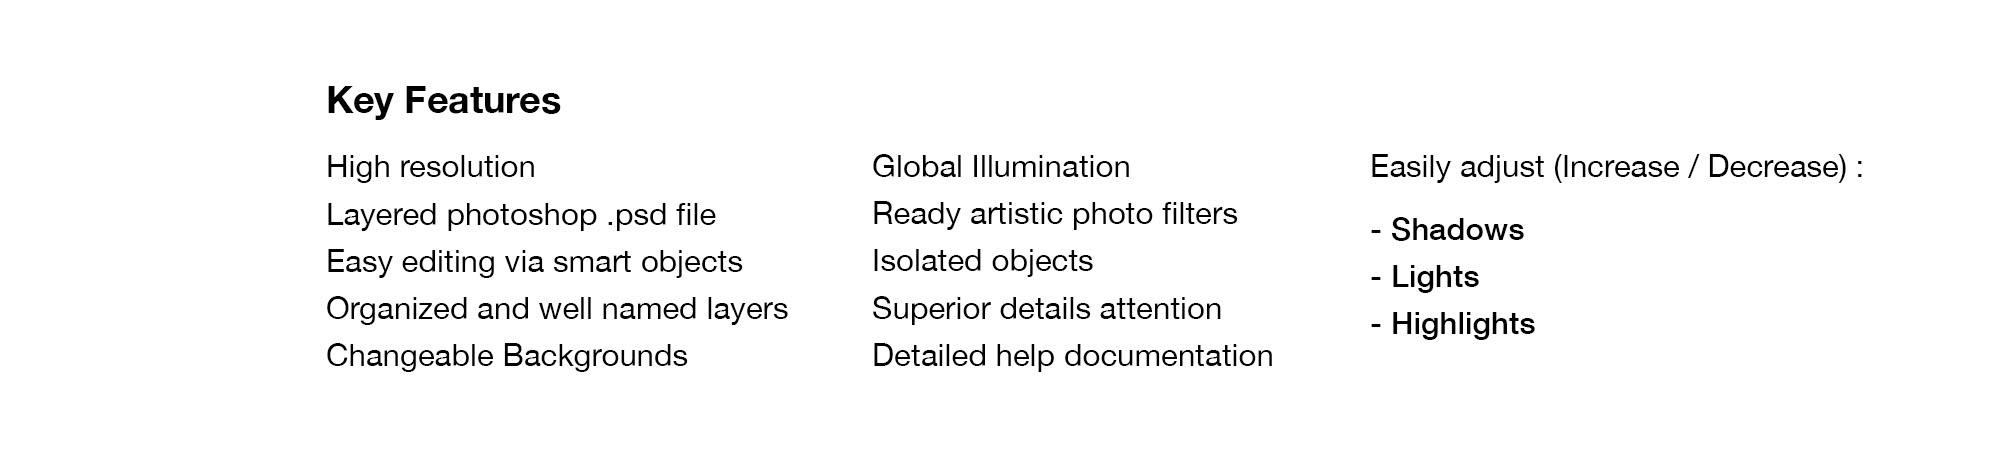 Bifold Brochure Mockup - Features